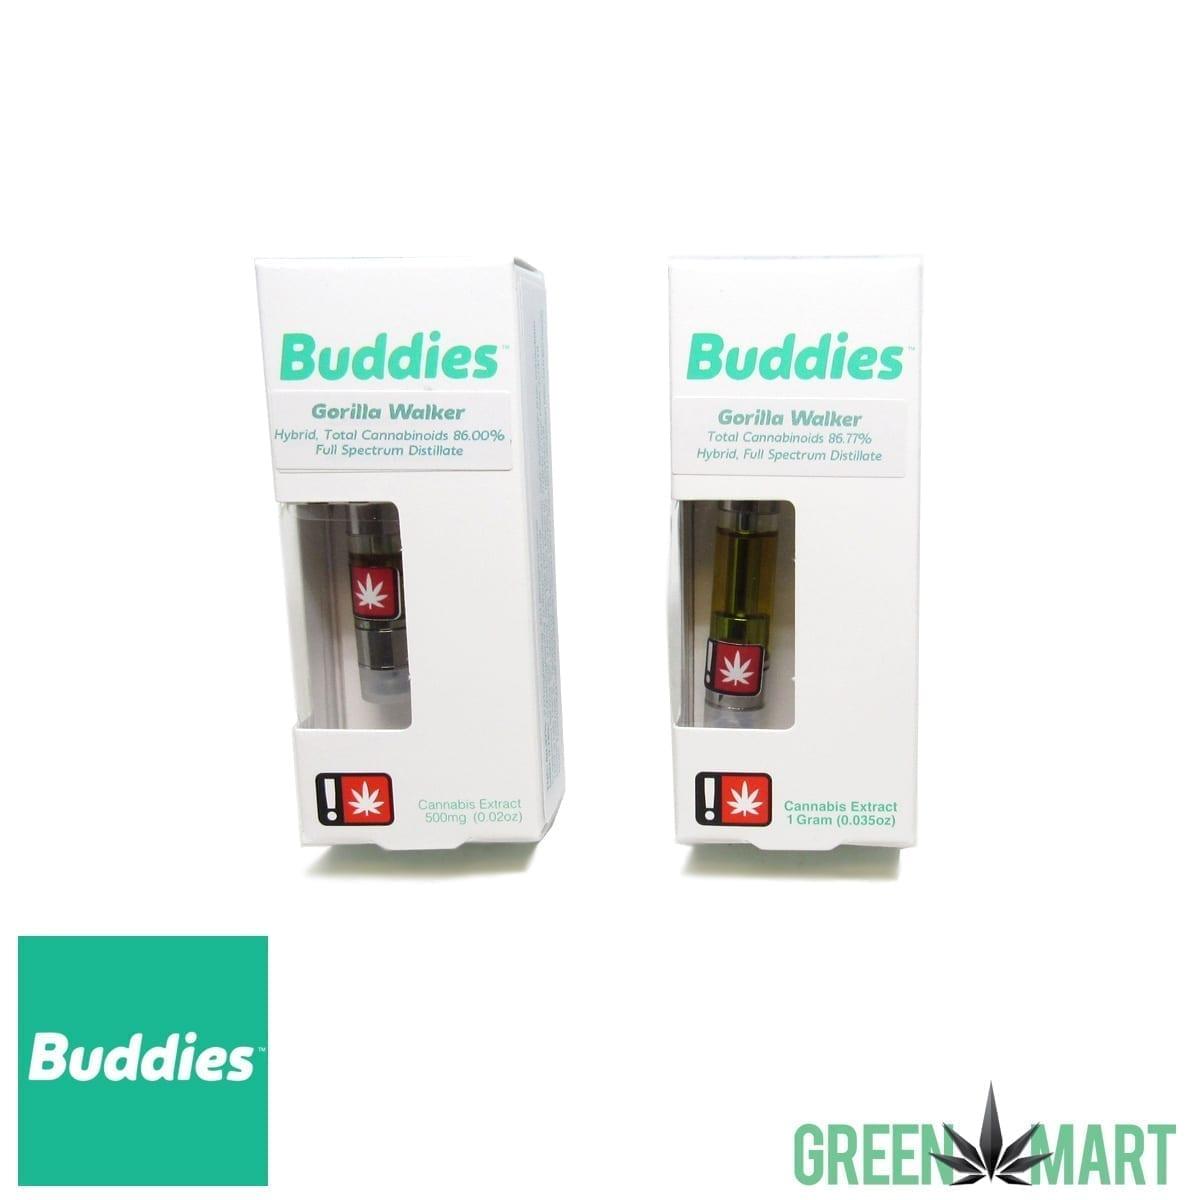 Buddies Brand Cartridges - Gorilla Walker